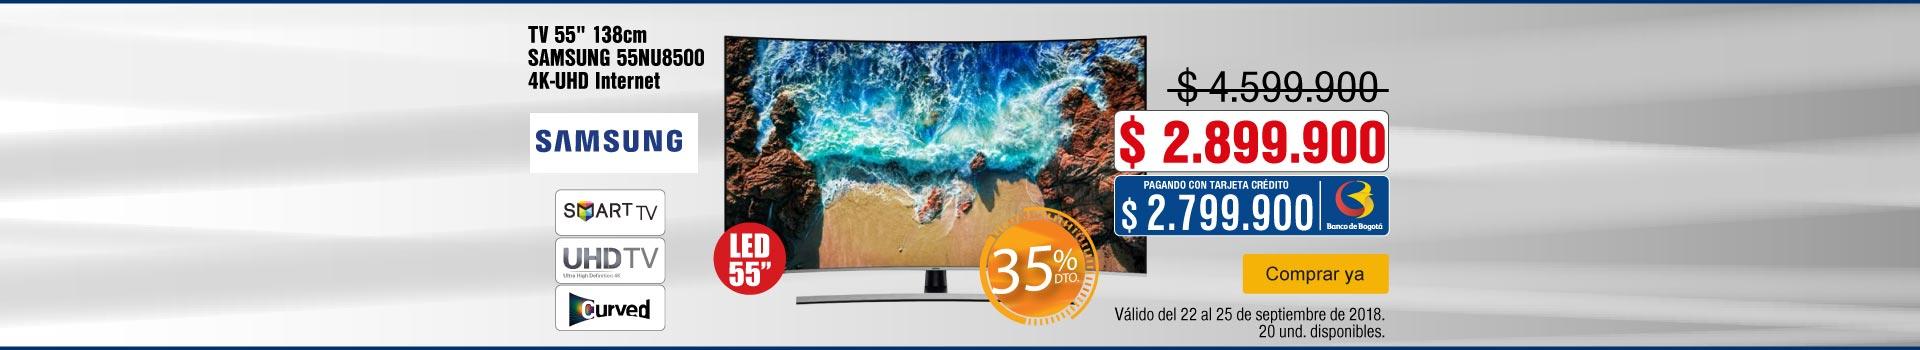 AK-KT-BCAT-1-TV-PP---Samsung-55NU8500-Sep21